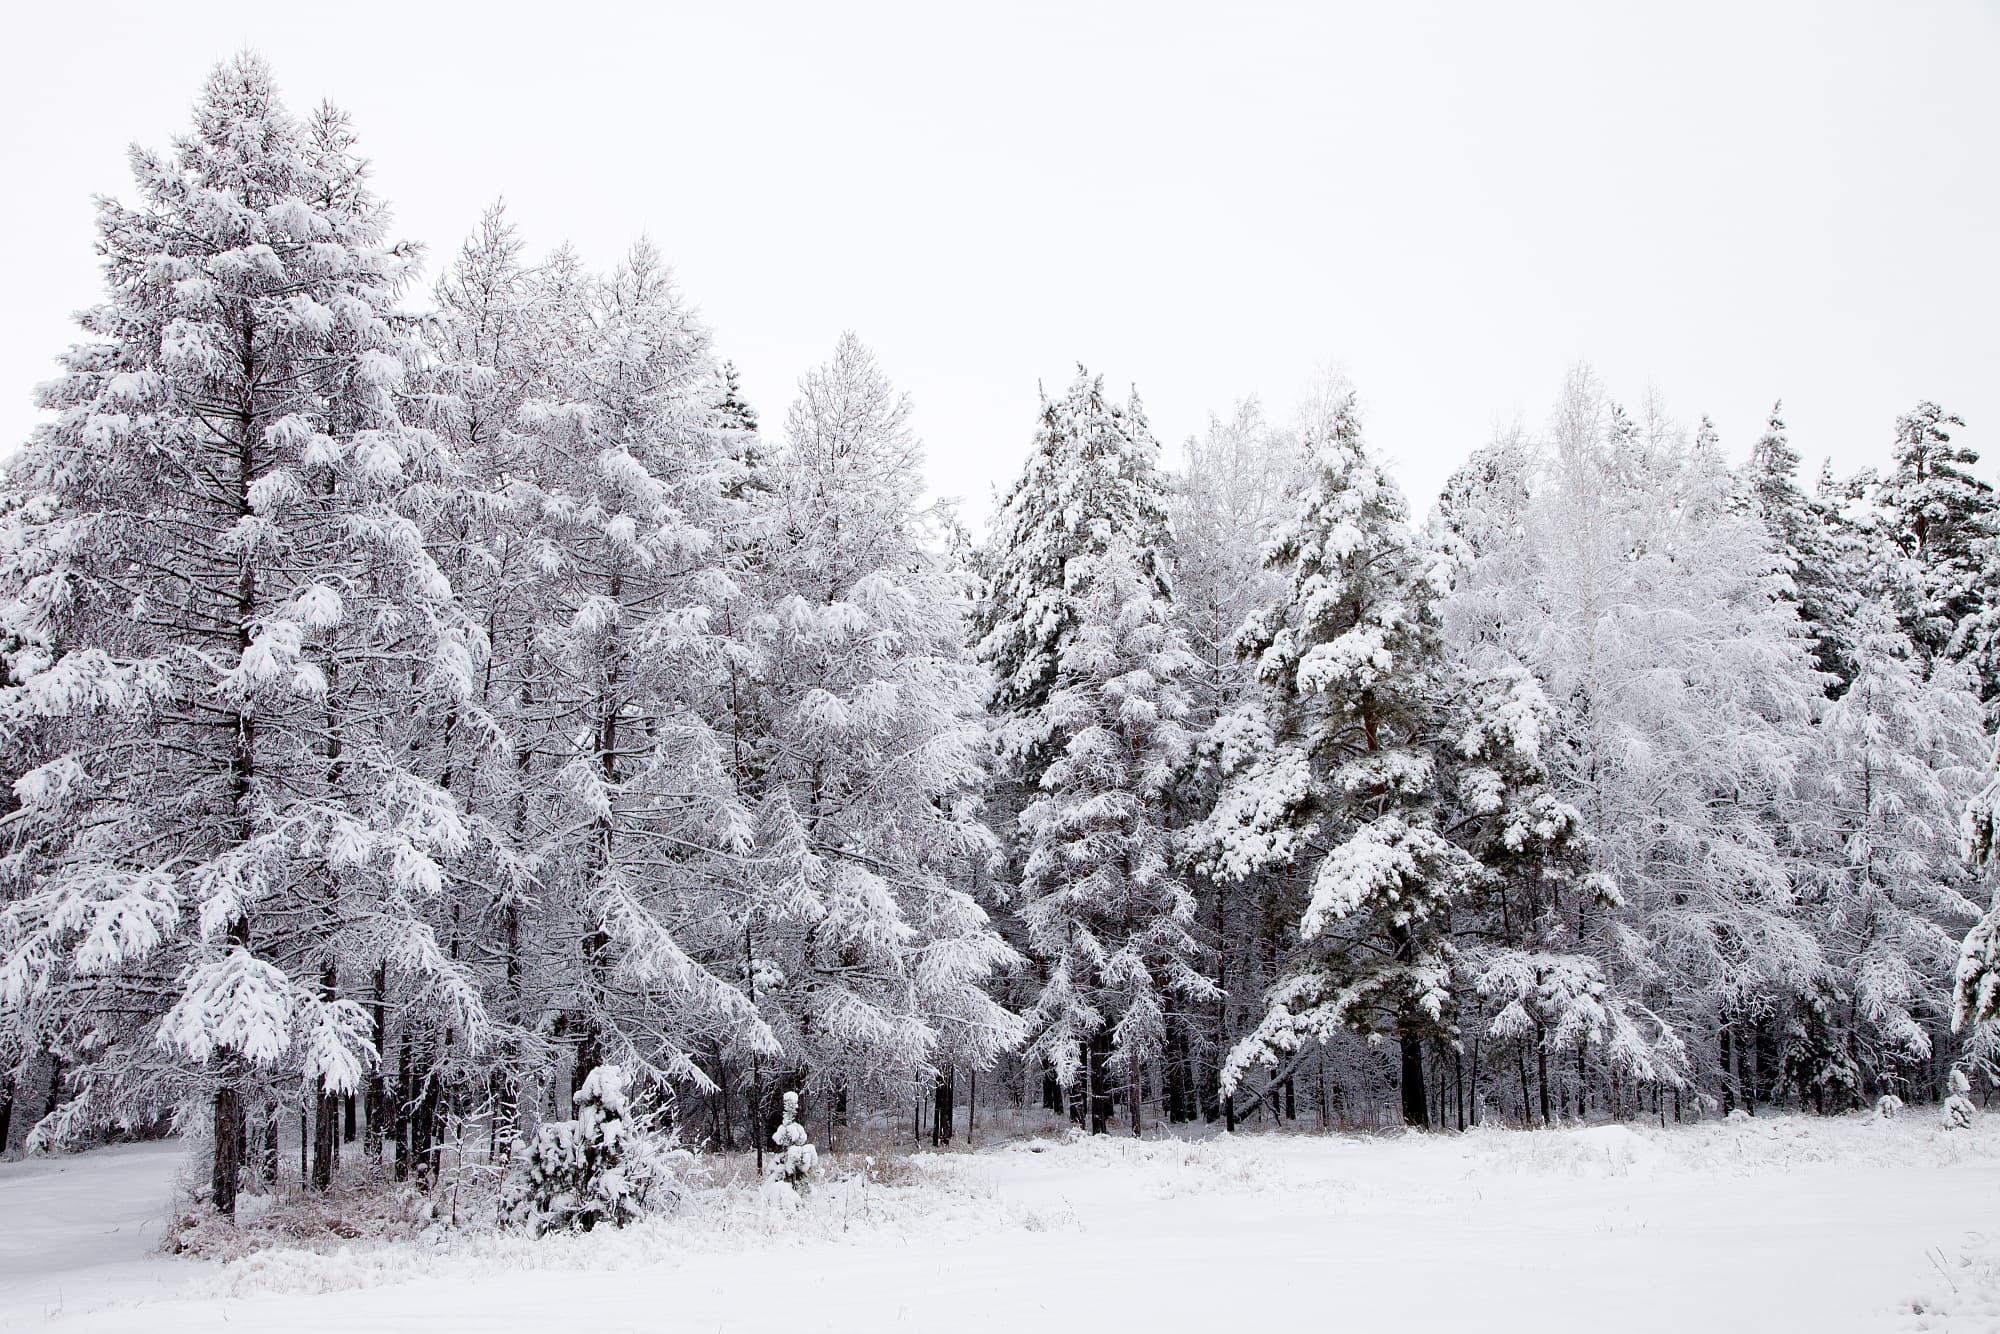 Tolle Tannen: Sechs erstaunliche Fakten über Weihnachtsbäume ...